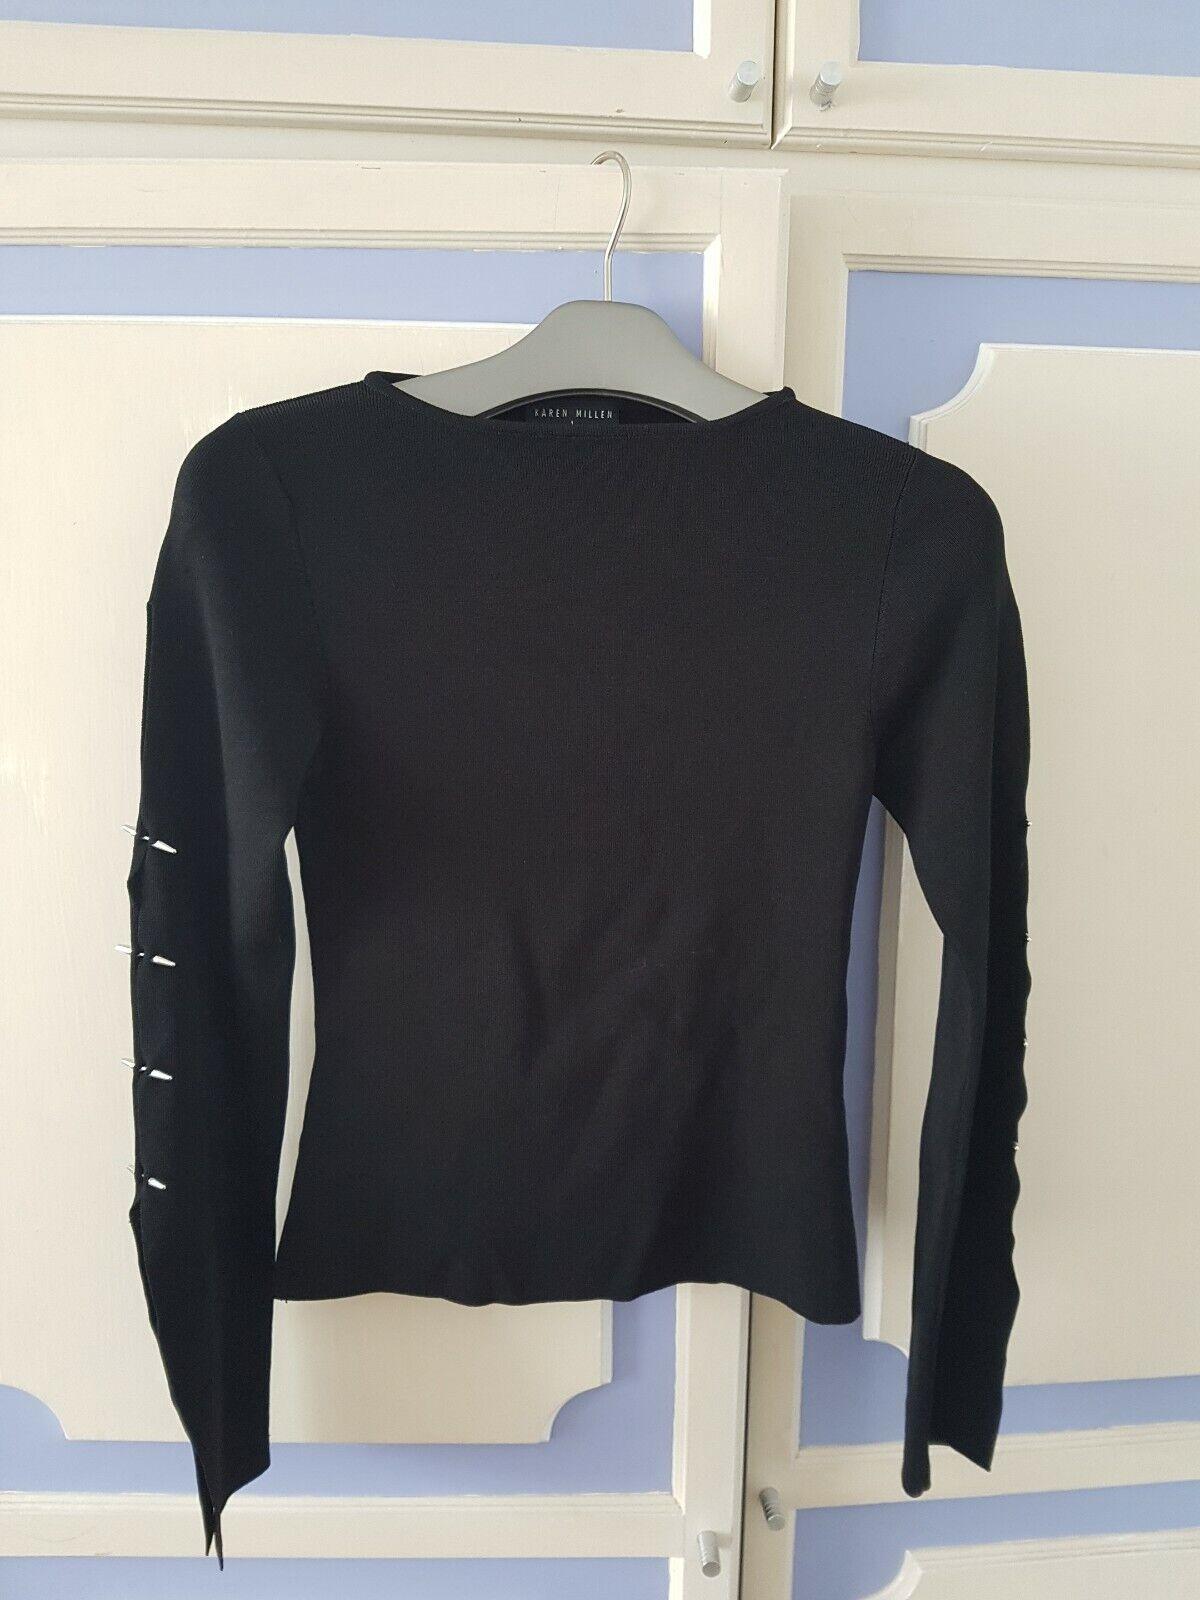 Karen Millen Top with split studded sleeves, size 1 or UK8 - VGC